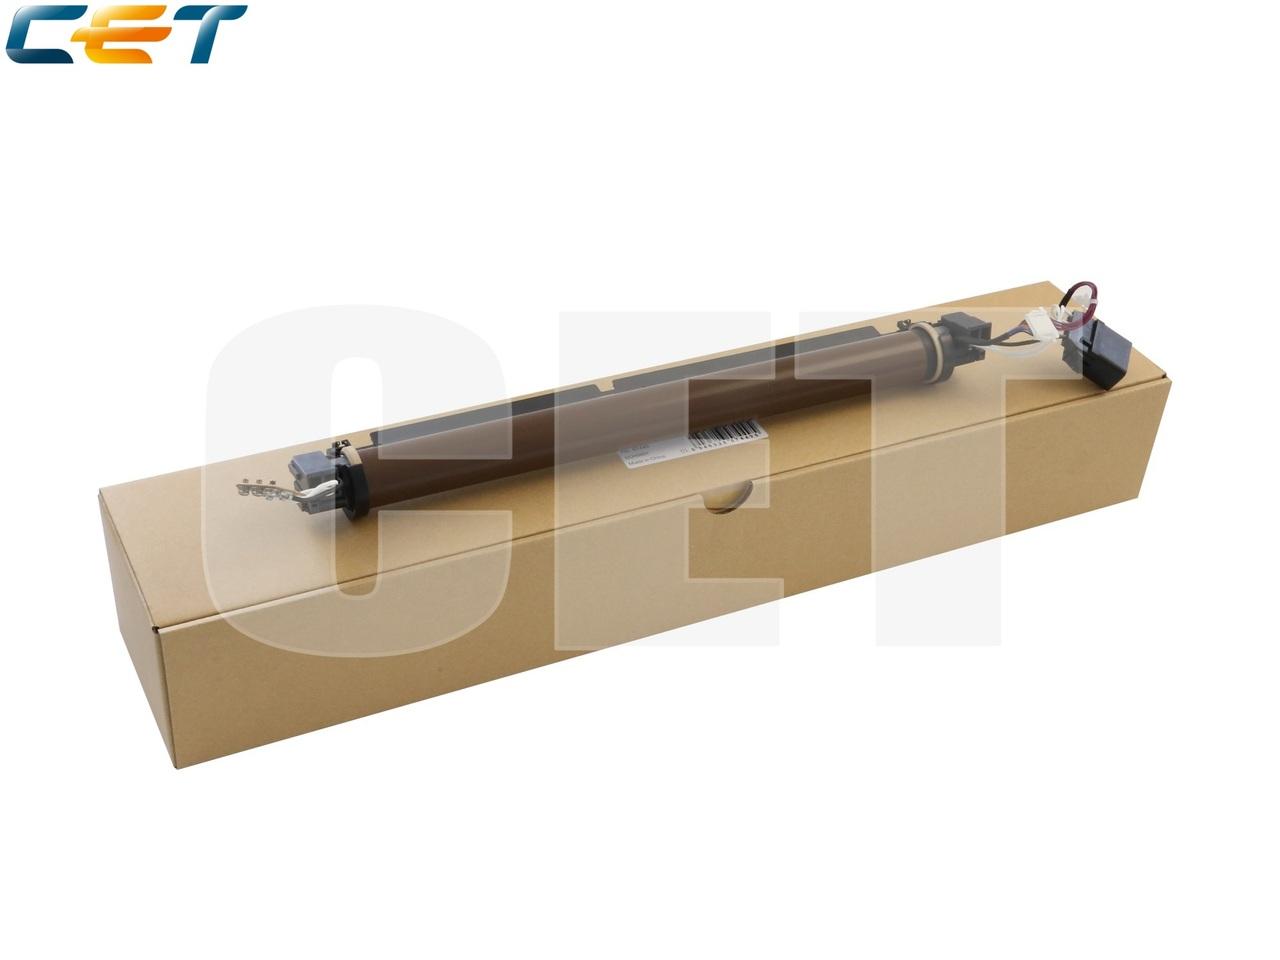 Нагревательный элемент в сборе с термопленкойFM1-J036-000 для CANON iR ADVANCE 4551i (CET), CET7448